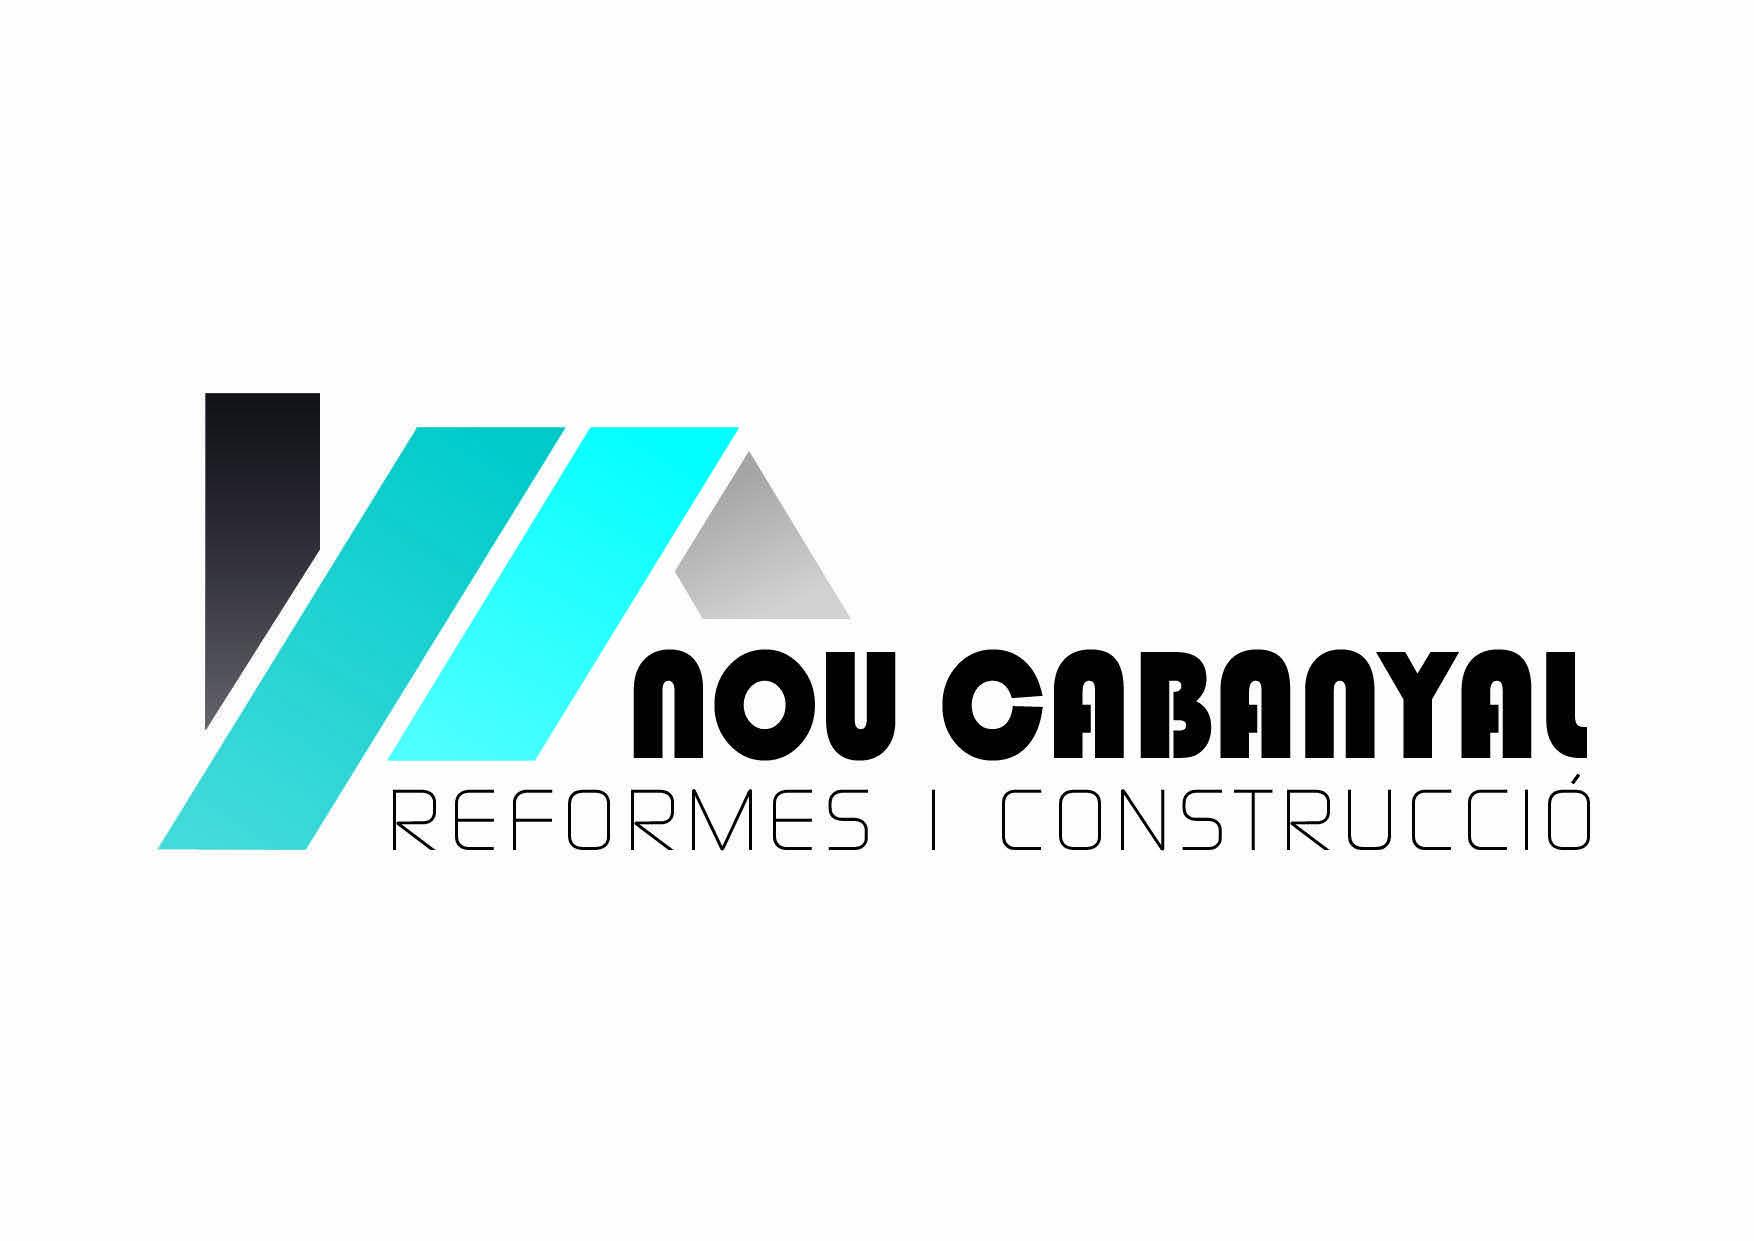 Reformes9cabanyal Sl